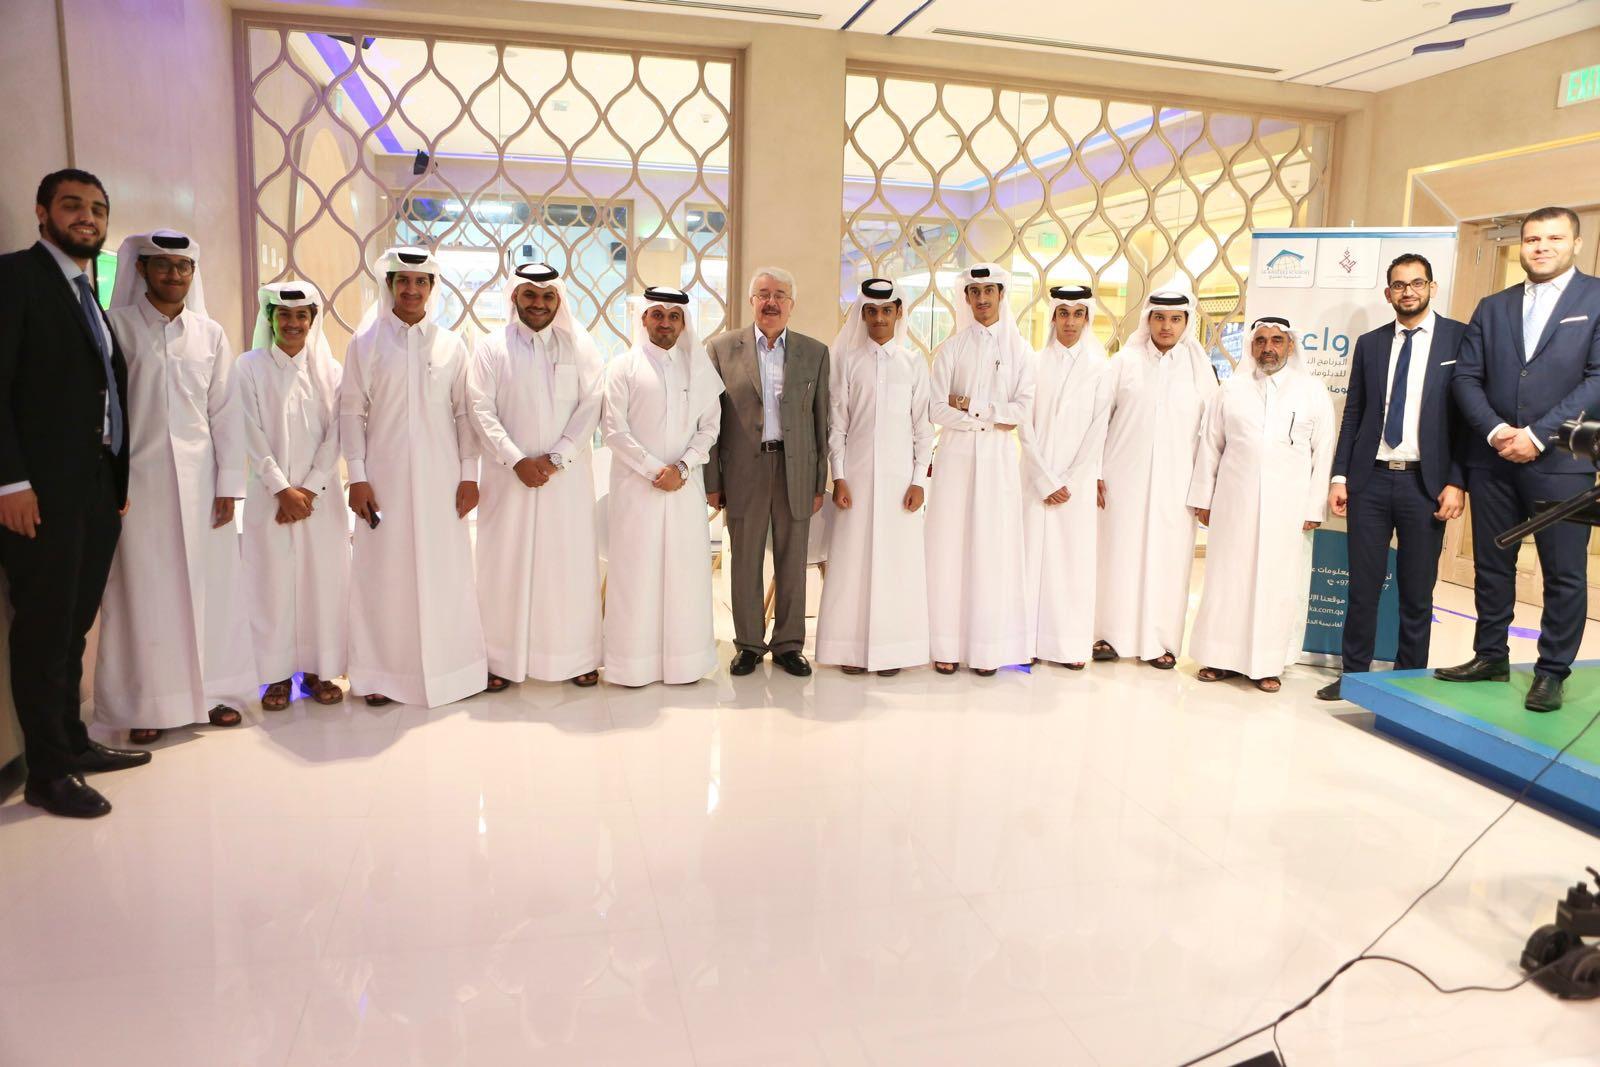 جلسة حوارية عن فن التواصل مع الآخرين بإدارة المدرب احمد المالكي